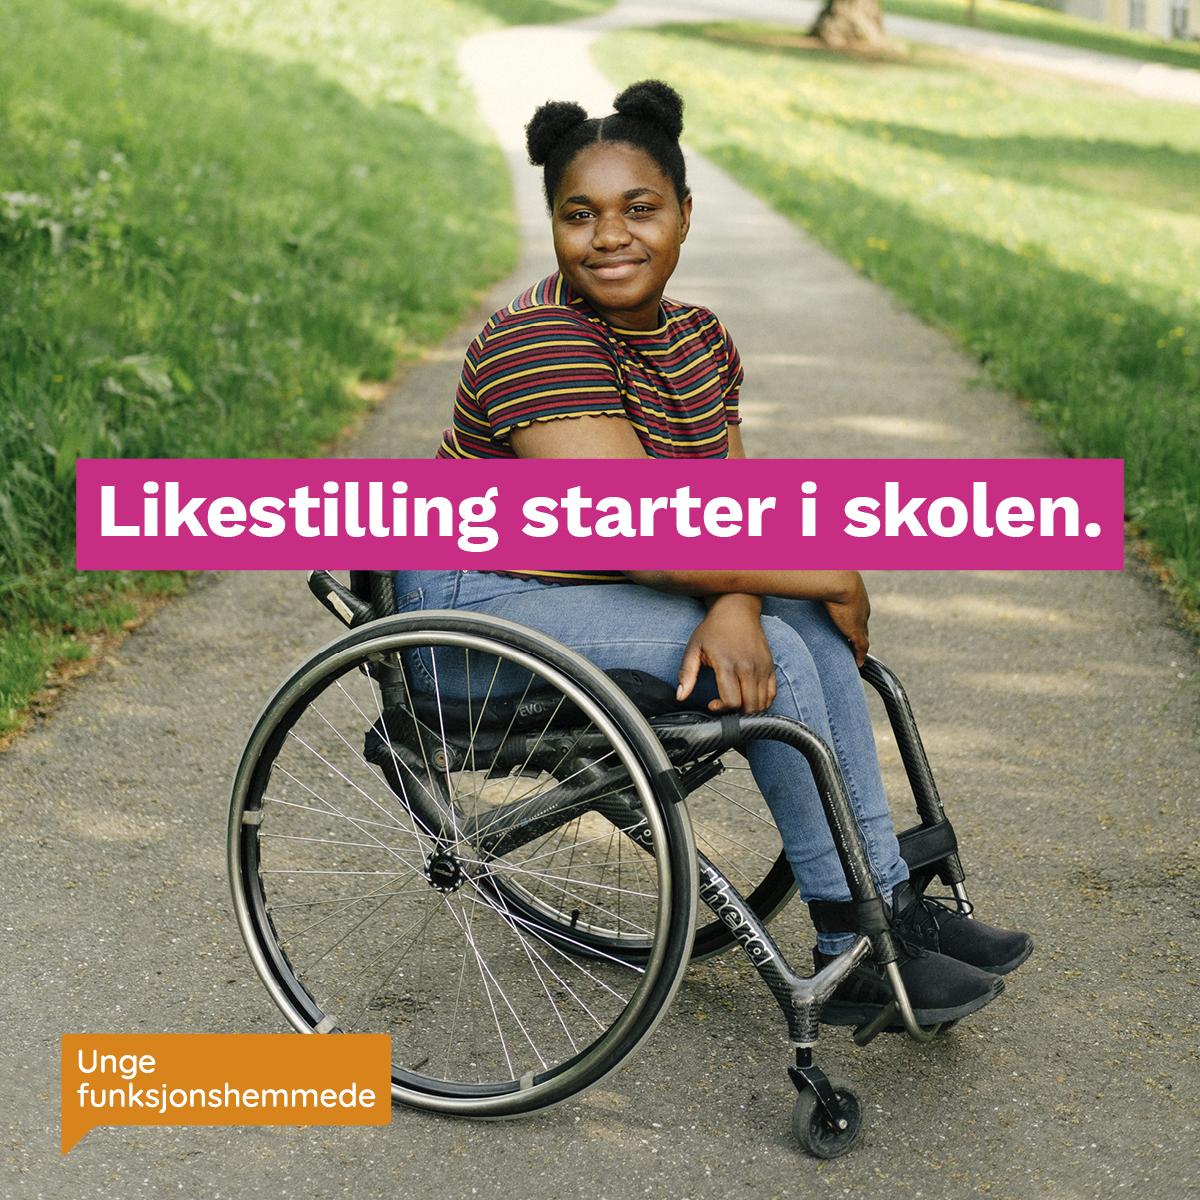 """En kvinne i rullestol smiler mot kamera, men en gressplen bak. Midt i bildet står teksten """"Likestilling starter i skolen"""". I hjørnet synes Unge funksjonshemmedes logo."""